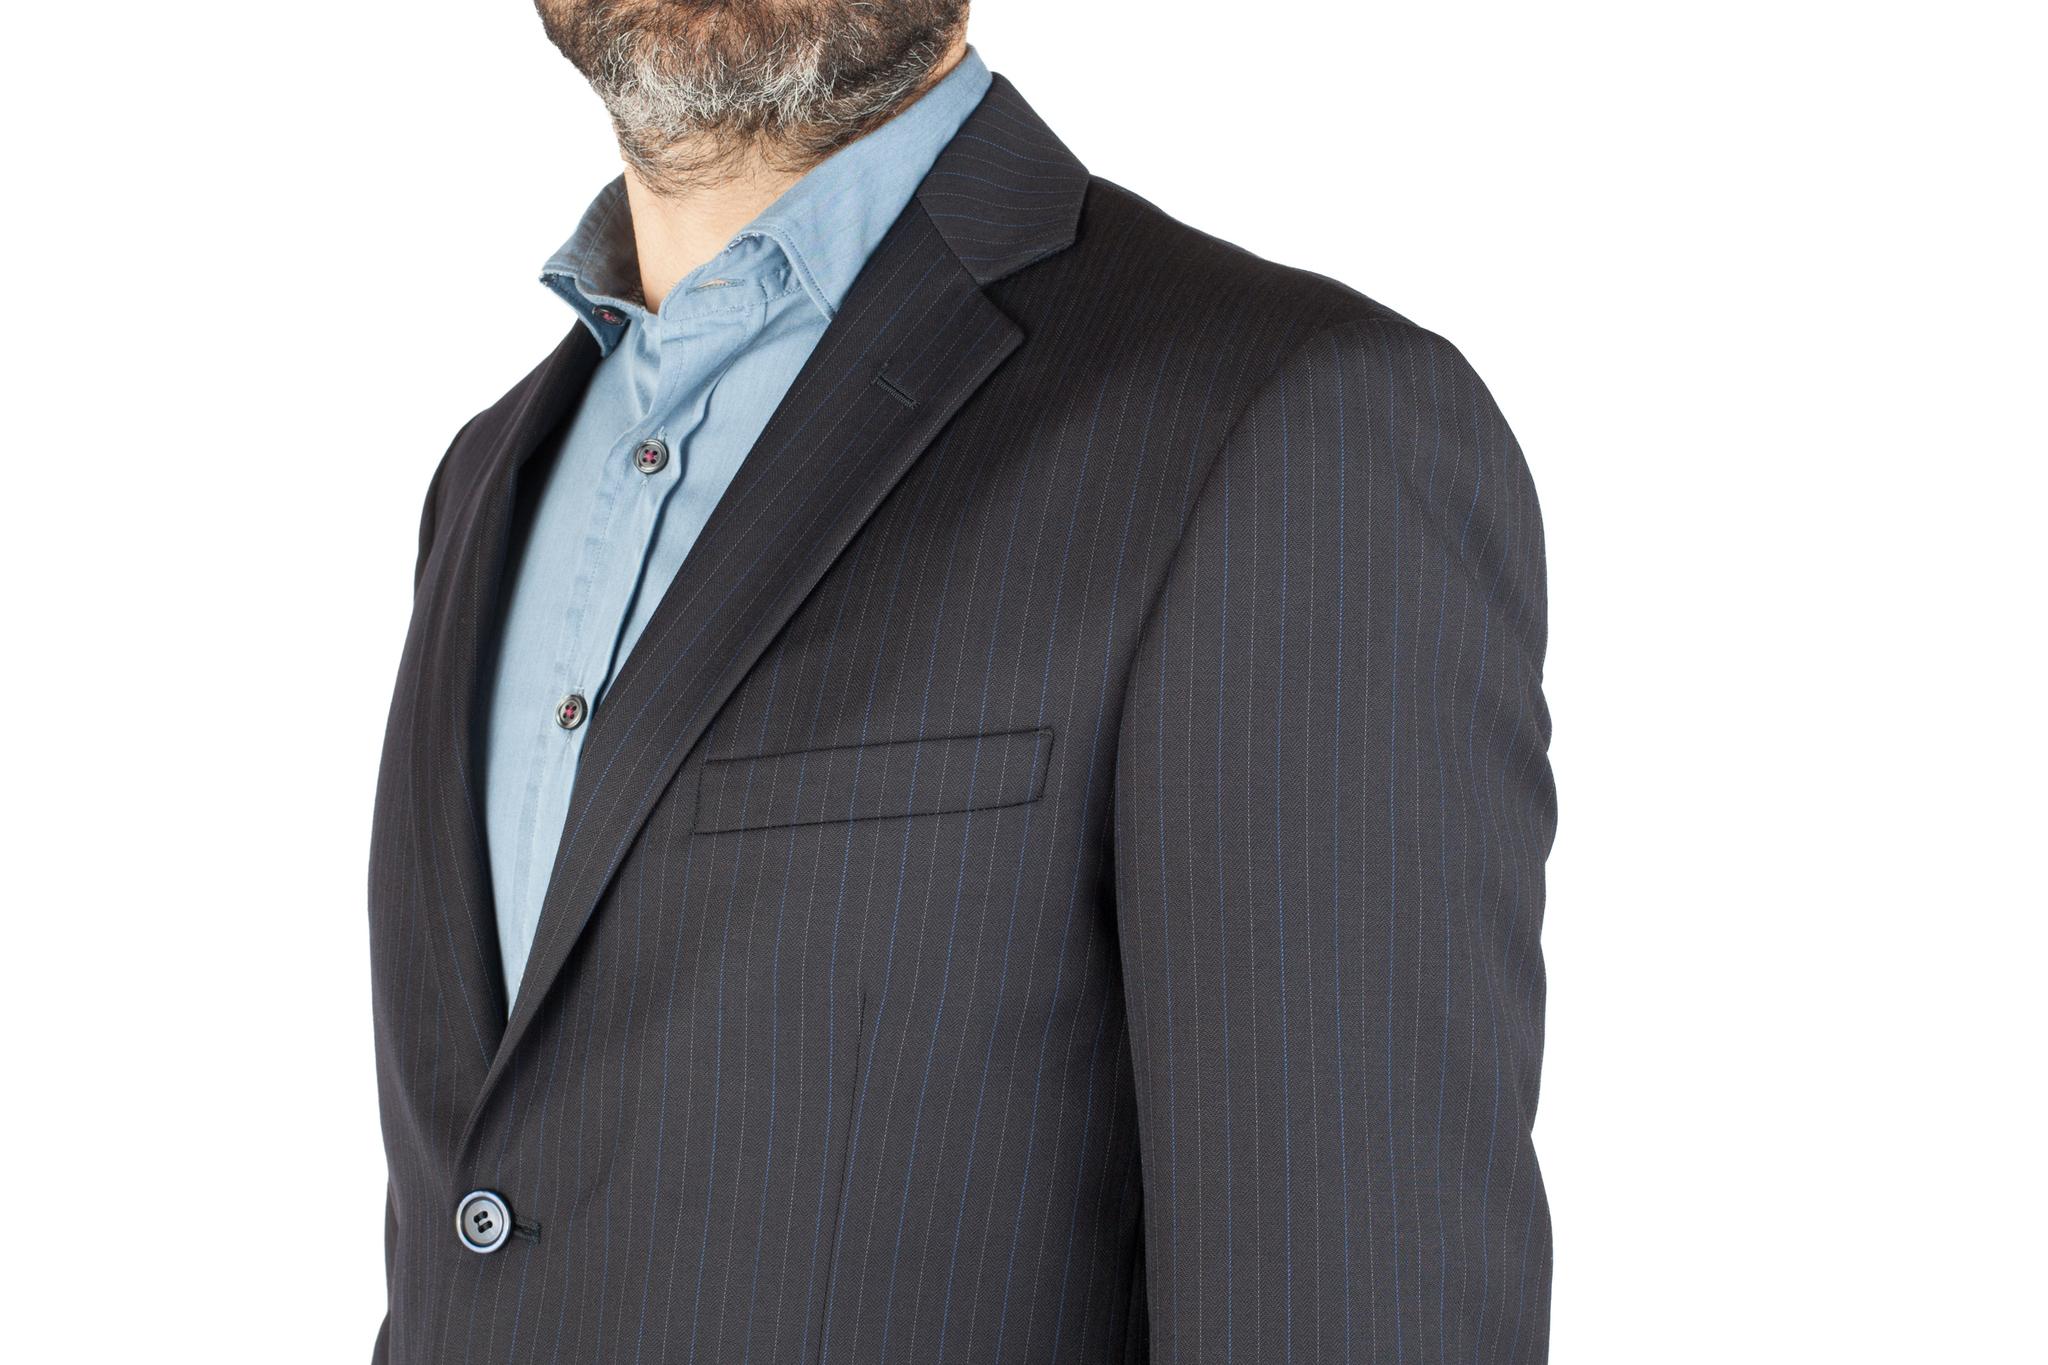 Тёмно-синий костюм в полоску из 100%-ной шерсти, нагрудный карман